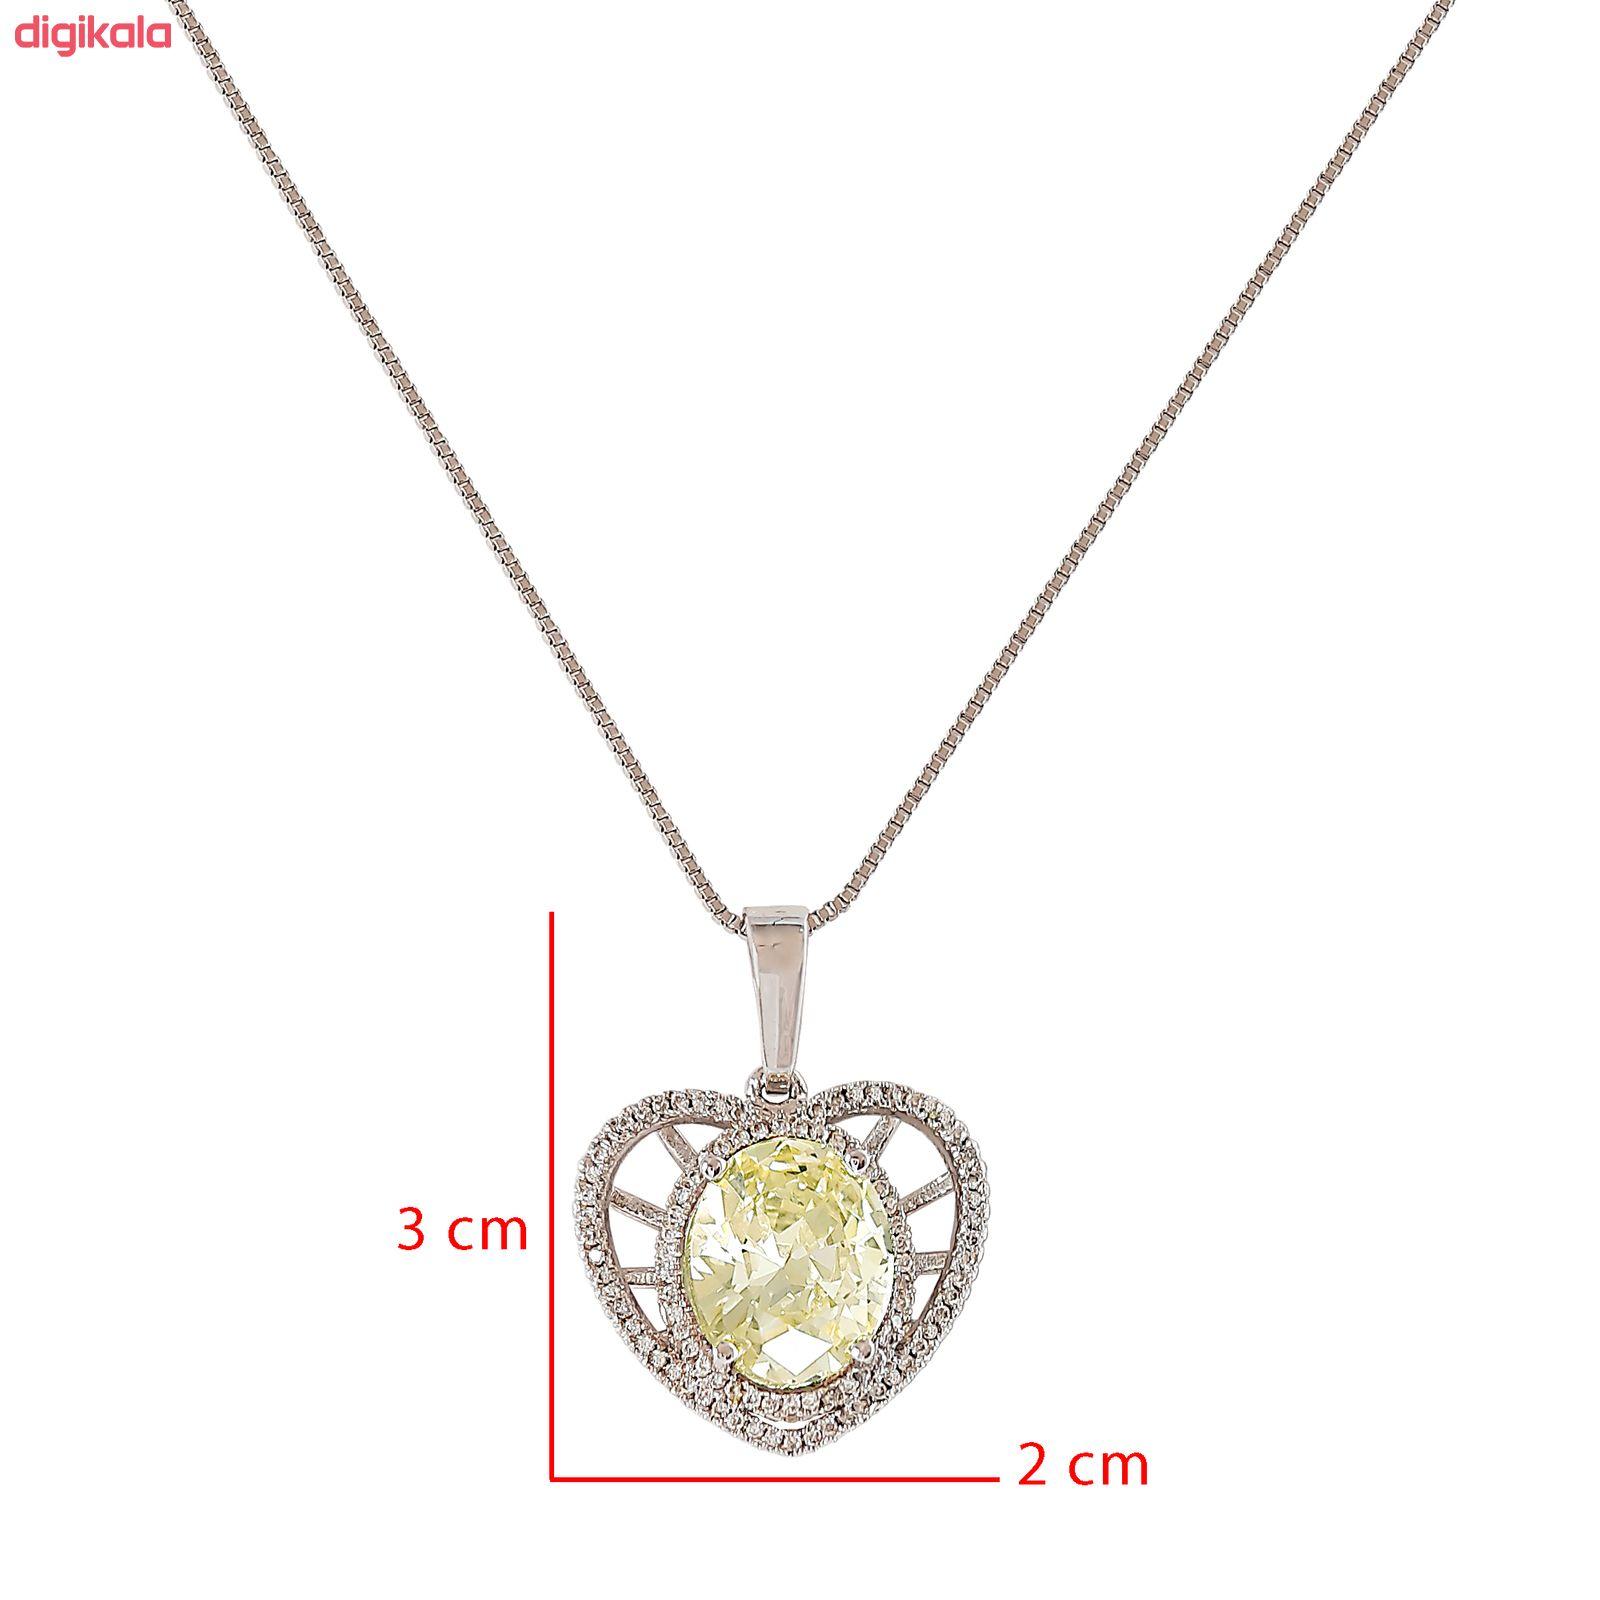 گردنبند زنانه ژوپینگ طرح قلب کد XP274 main 1 4